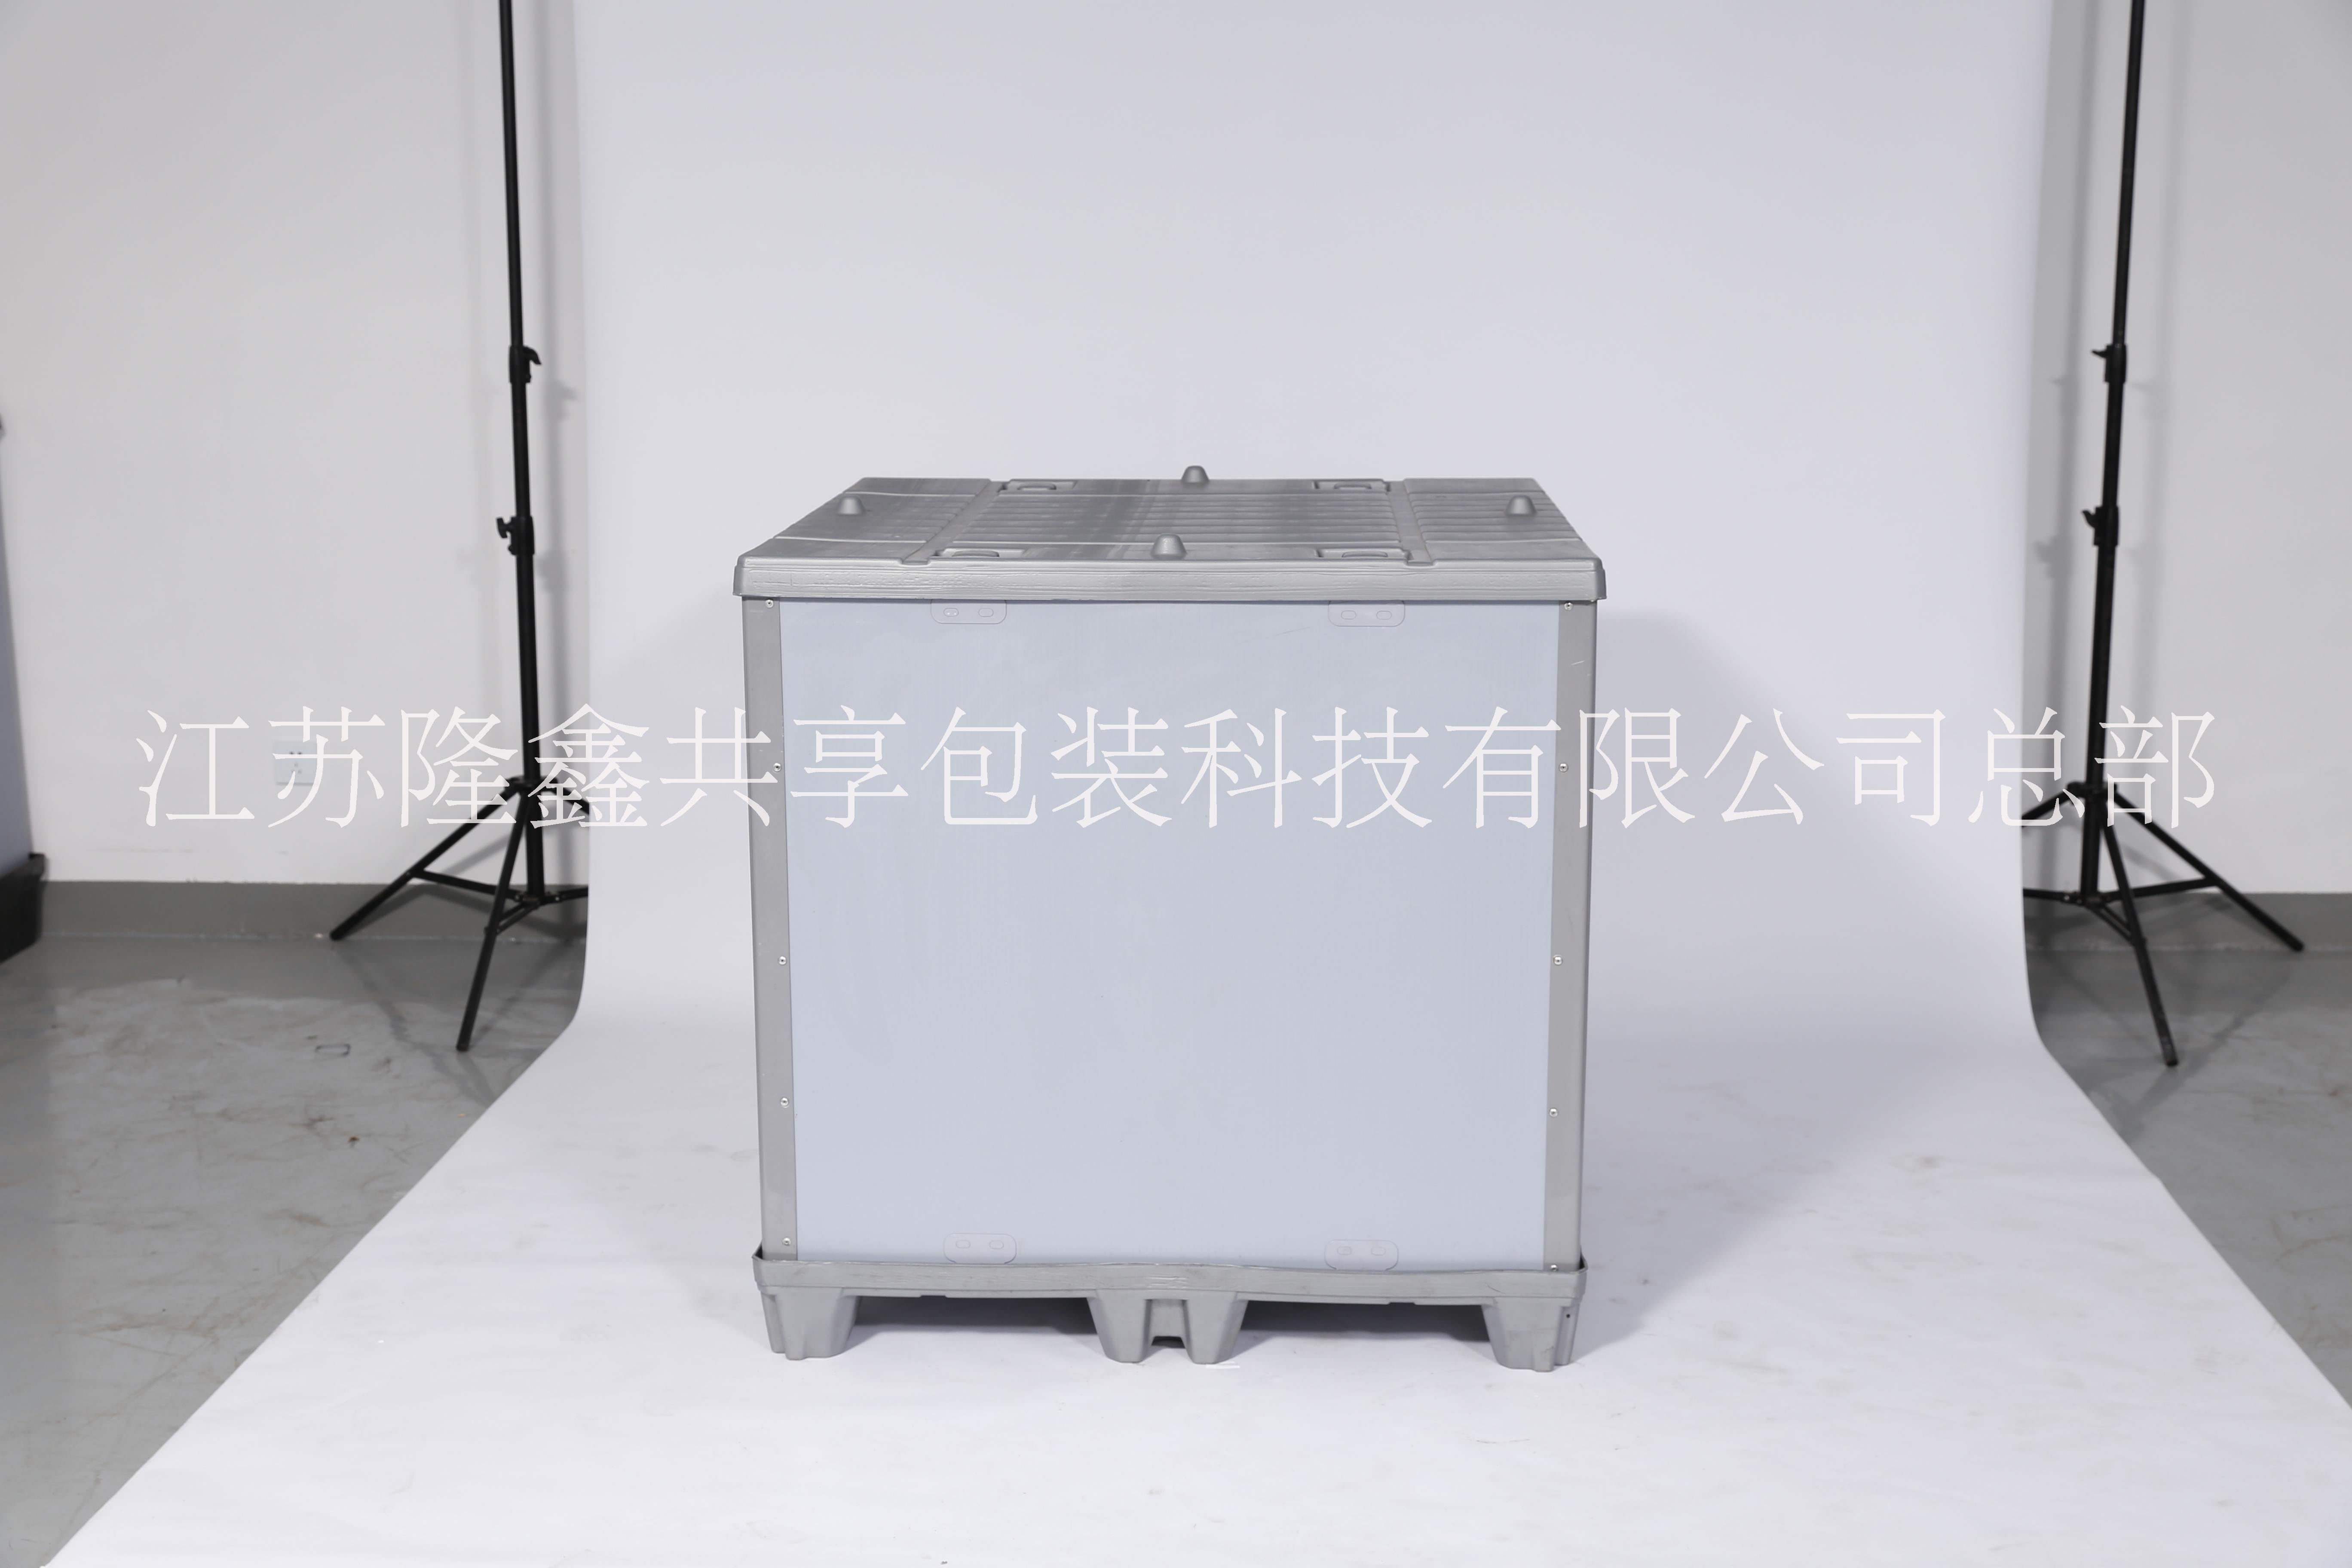 双层吸塑围板箱 塑料折叠围板箱生产厂家哪家好